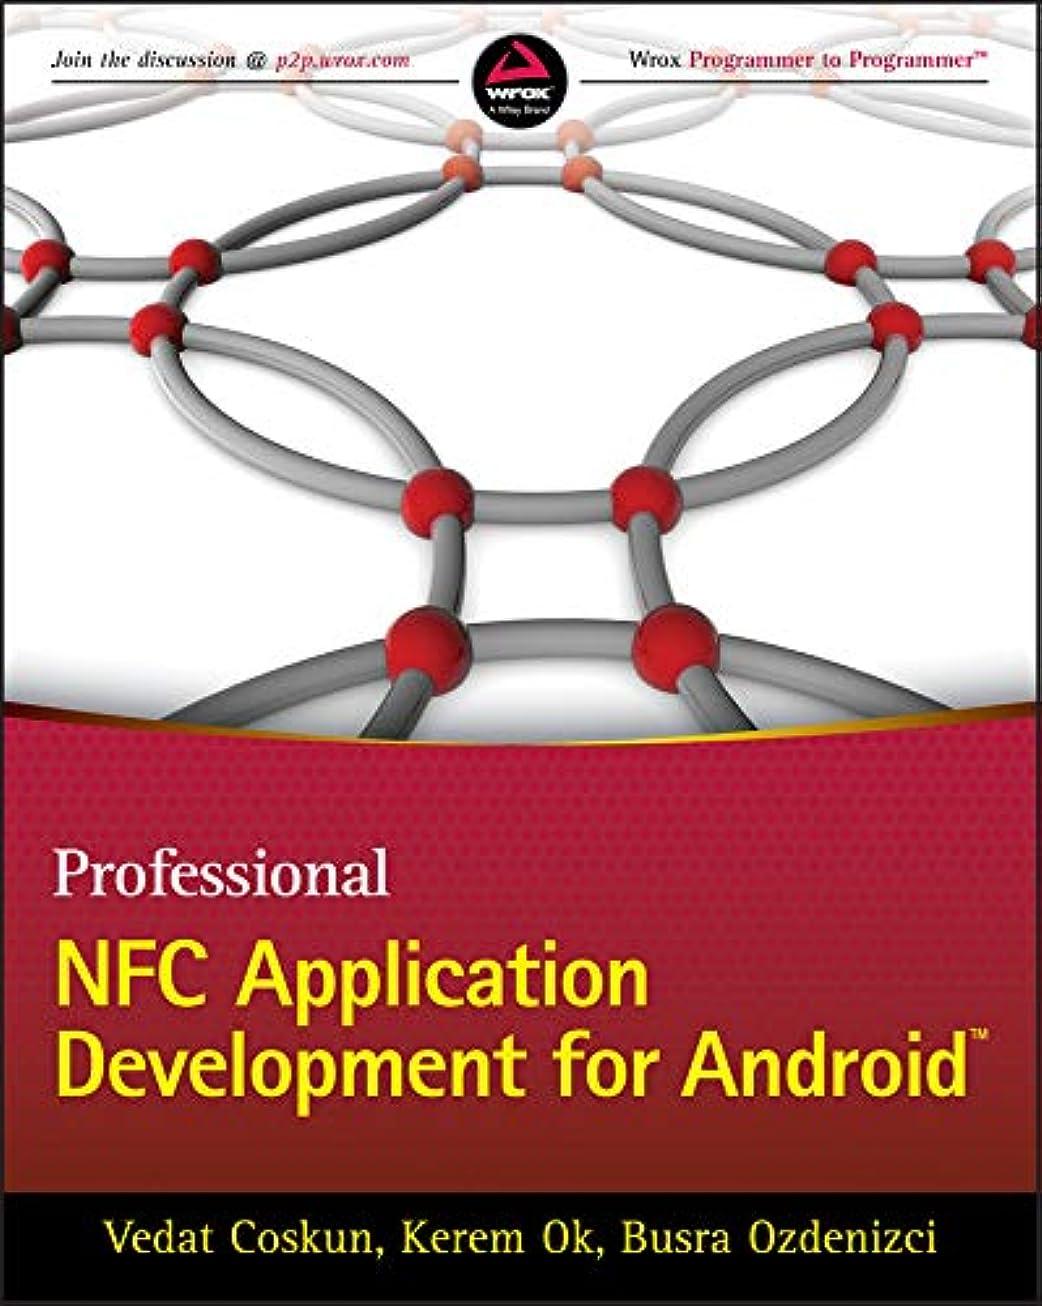 教室ブルームレンディションProfessional NFC Application Development for Android (English Edition)